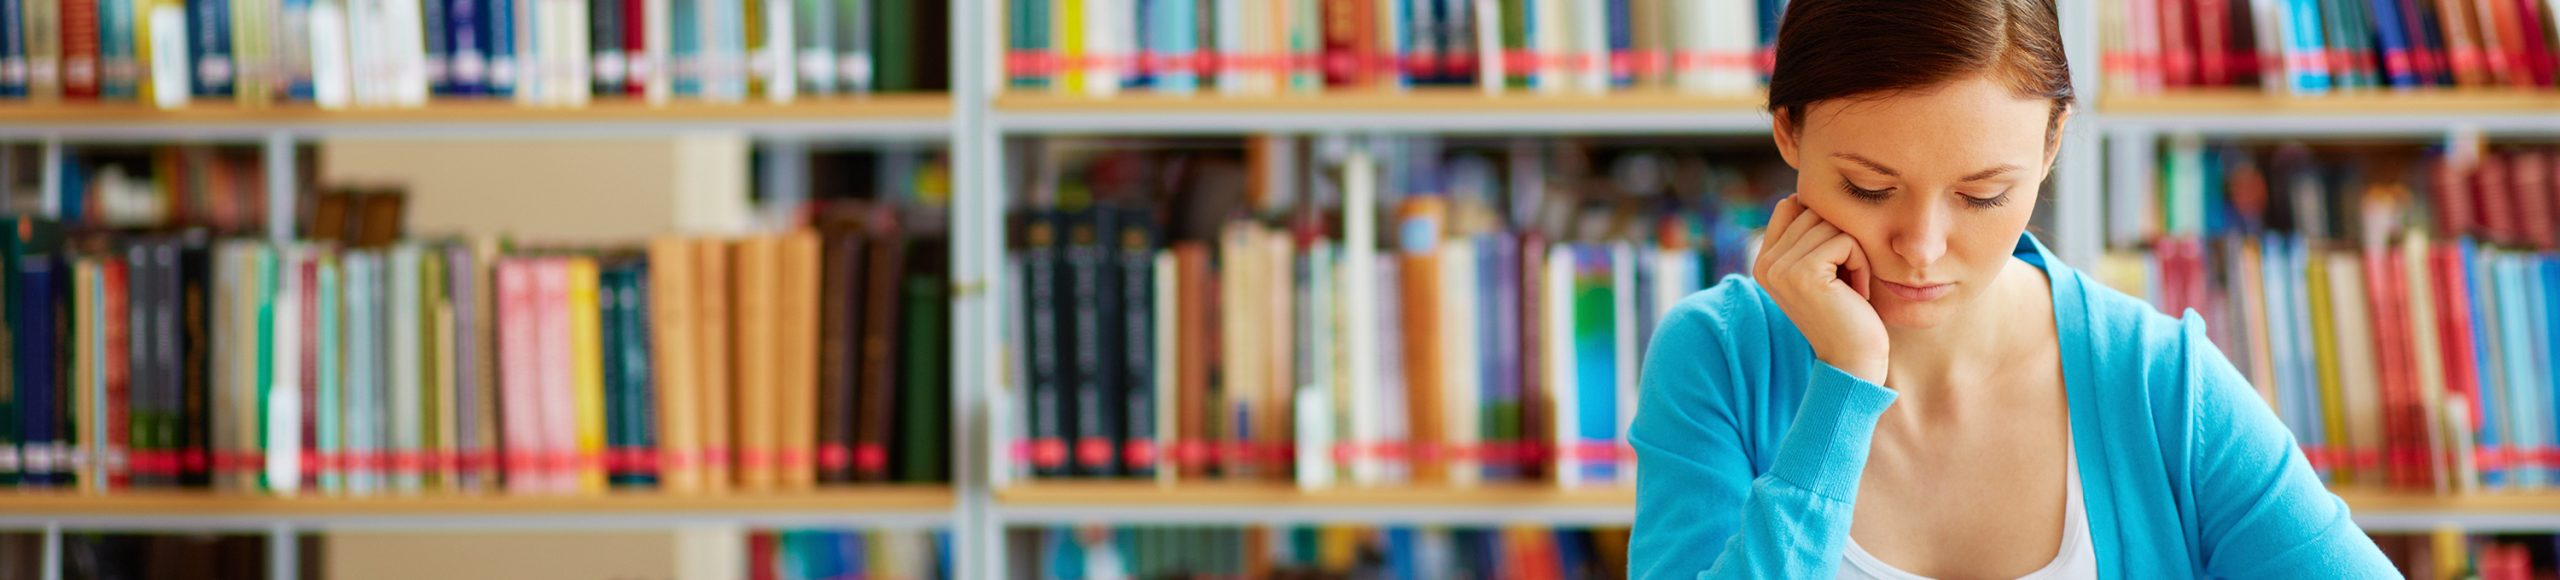 Hochschule Forschung Uni Bildung